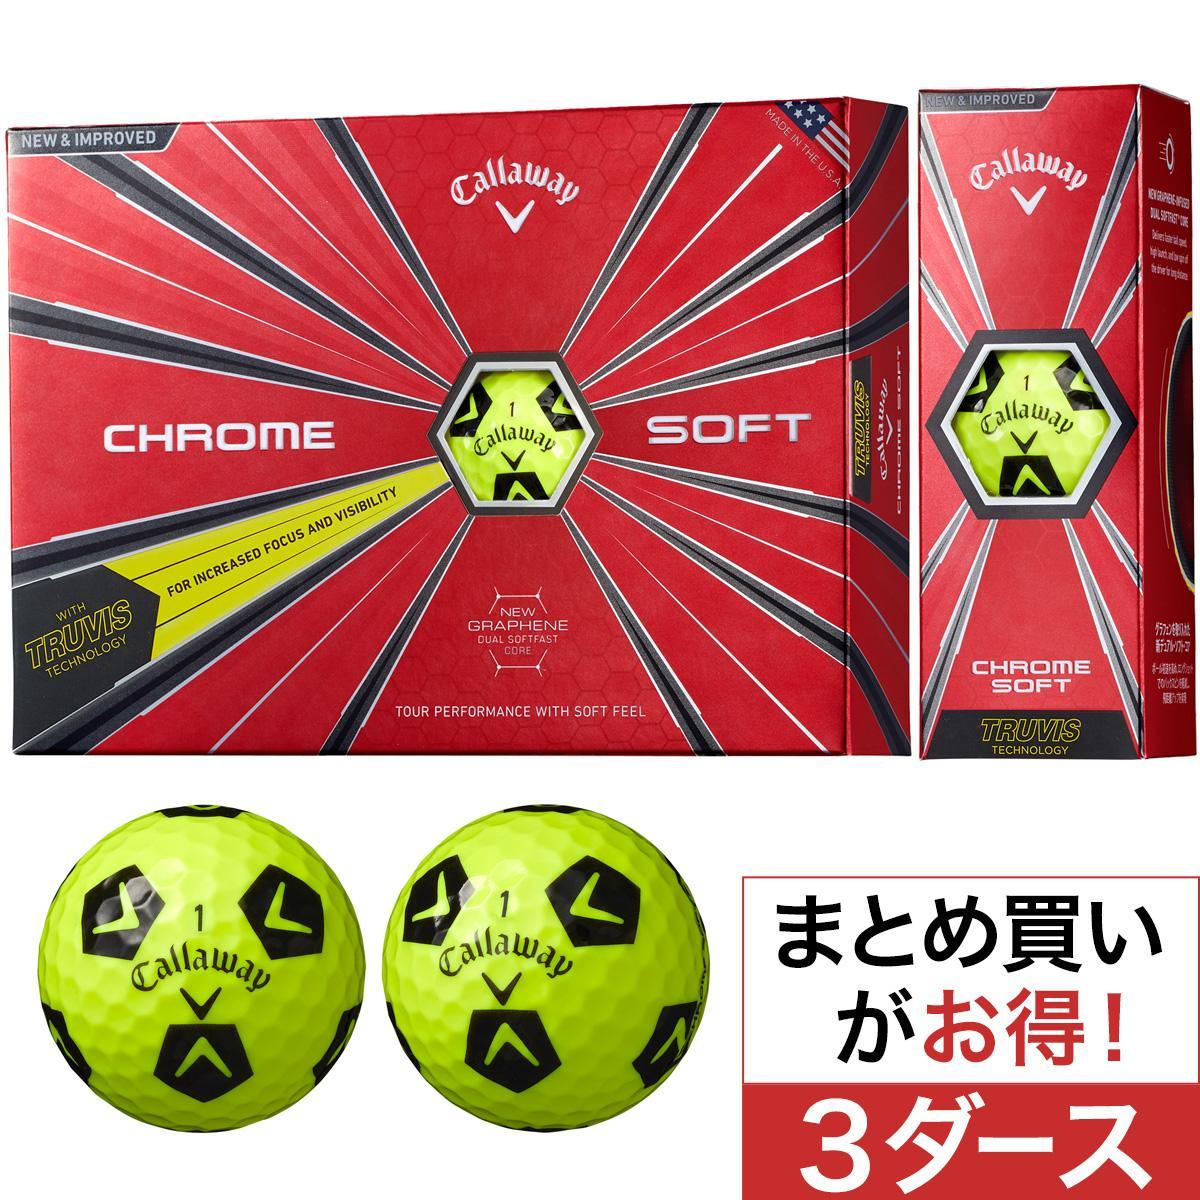 【4/14(日)までお得なクーポン配布中♪】【1ダースあたり5184円】キャロウェイゴルフ CHROM SOFT CHROME SOFT TRUVIS ボール 3ダースセット